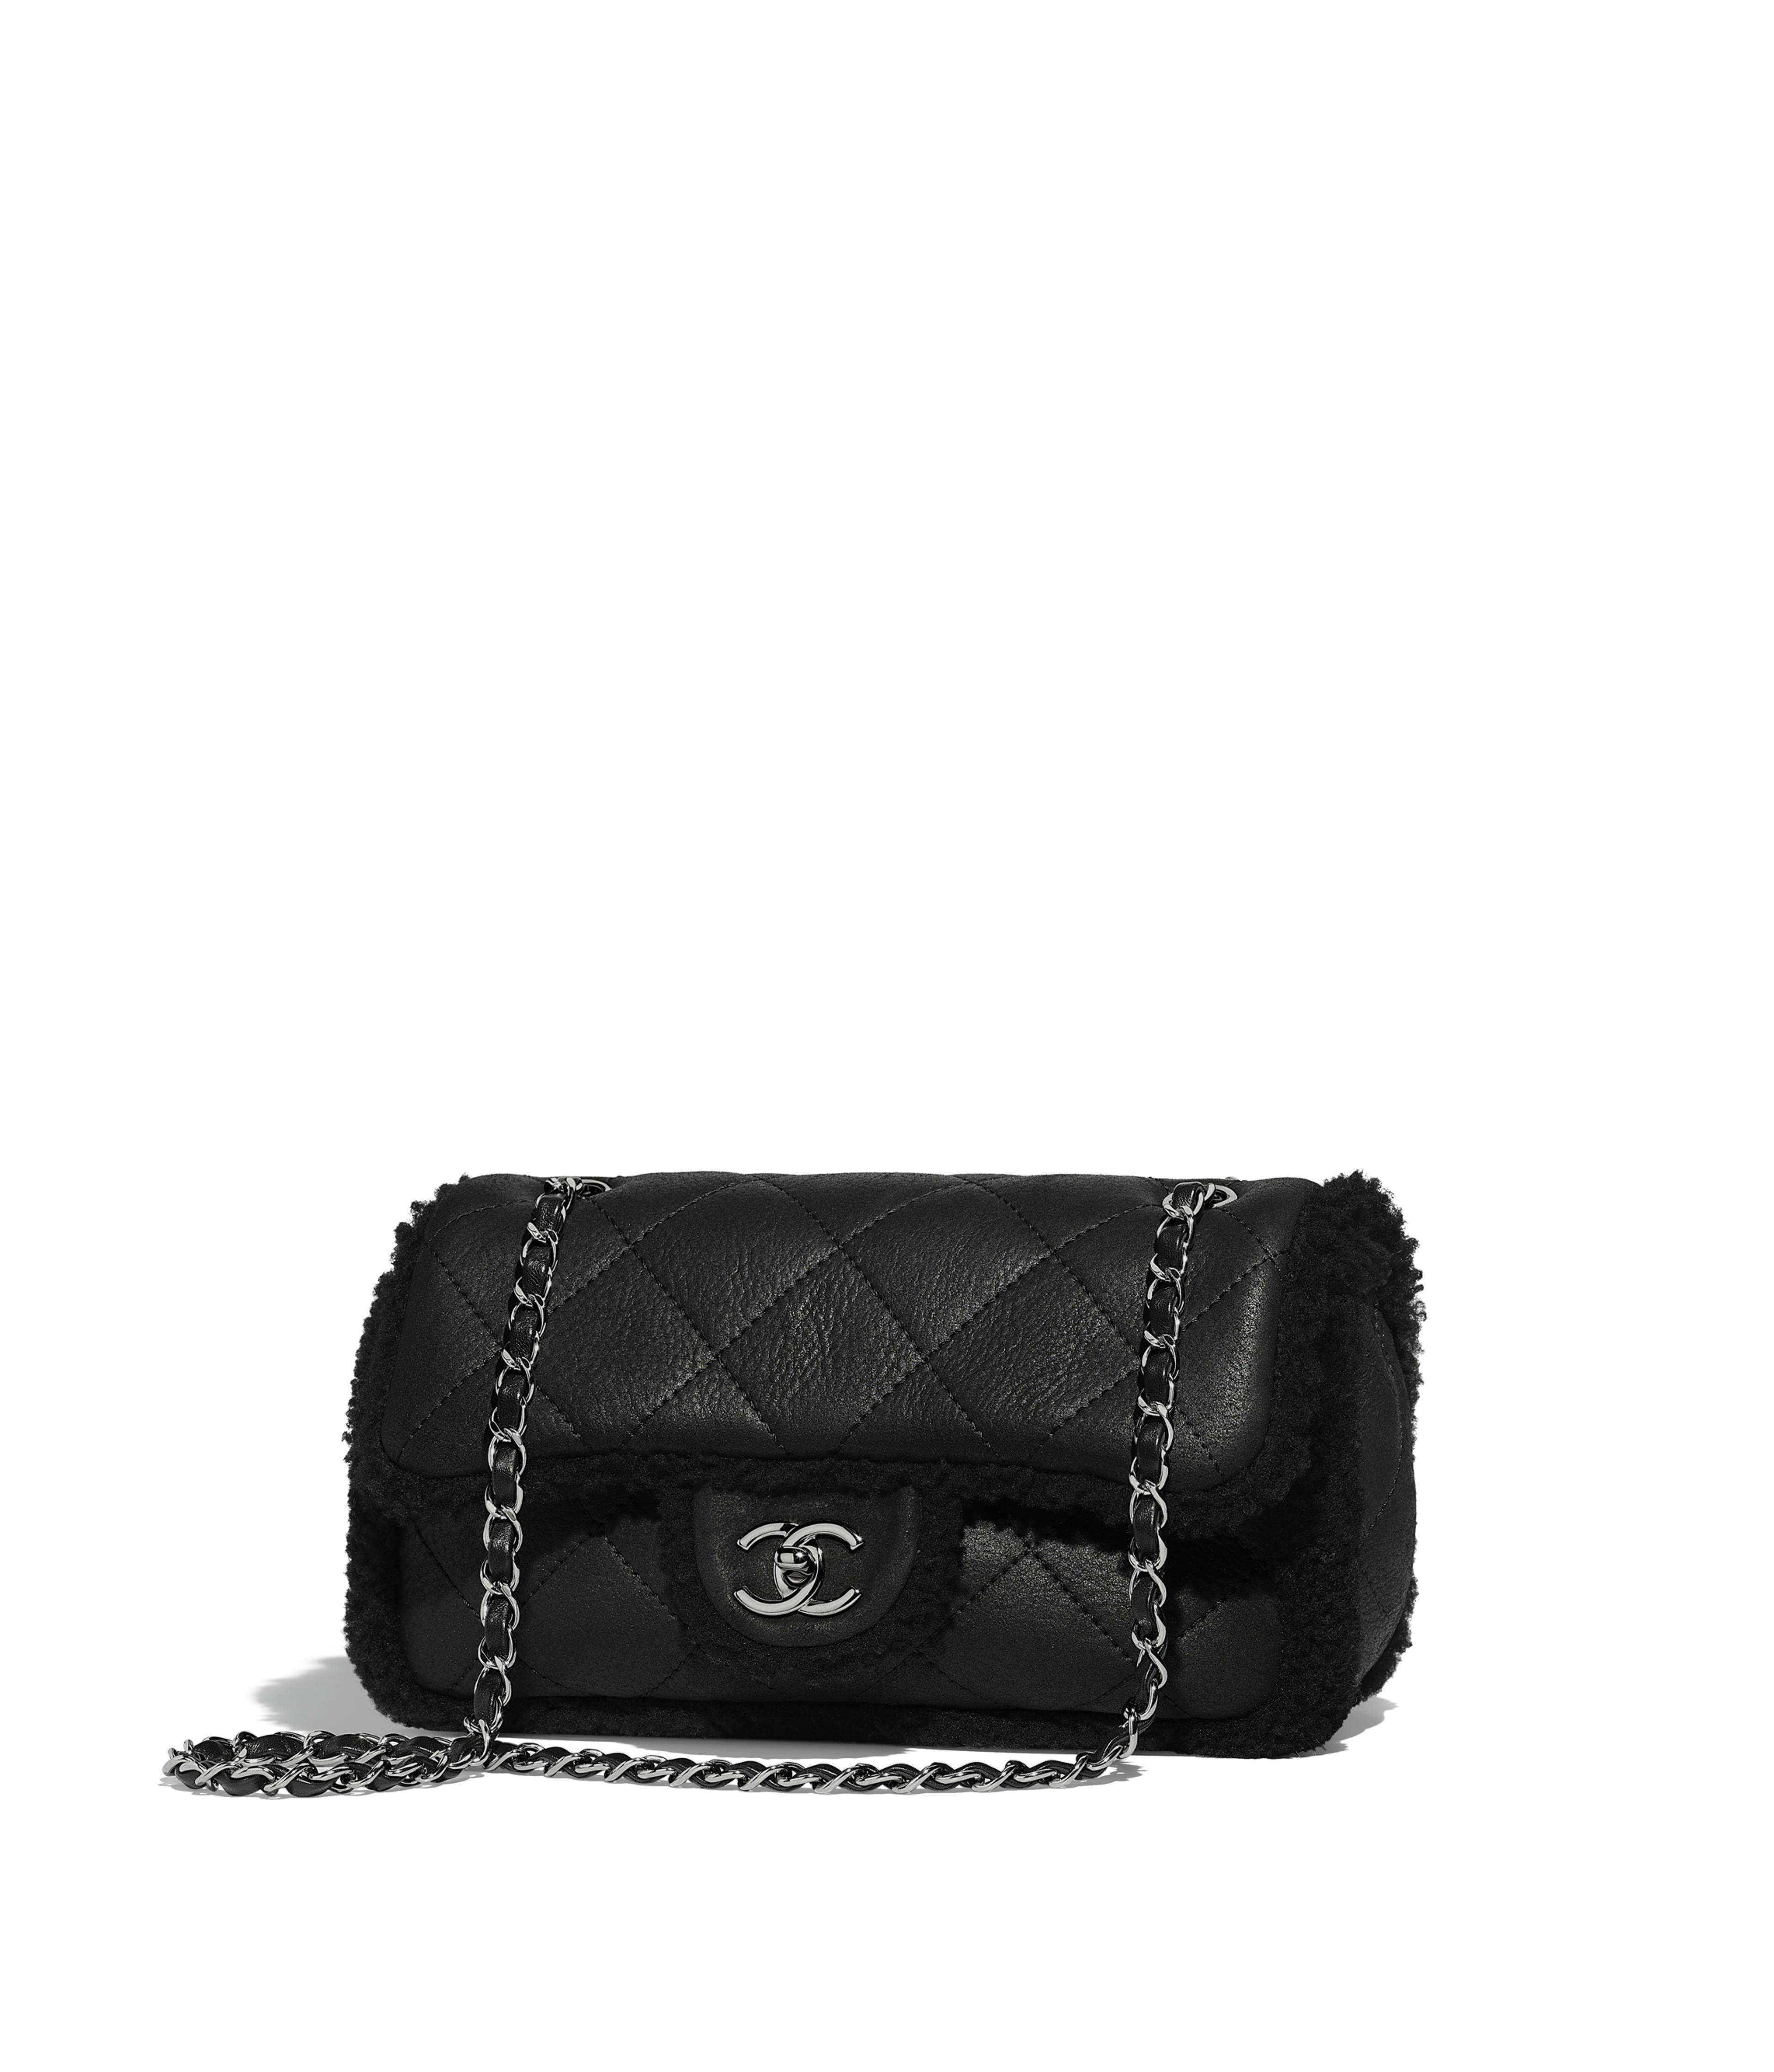 Handbags - Fashion | CHANEL